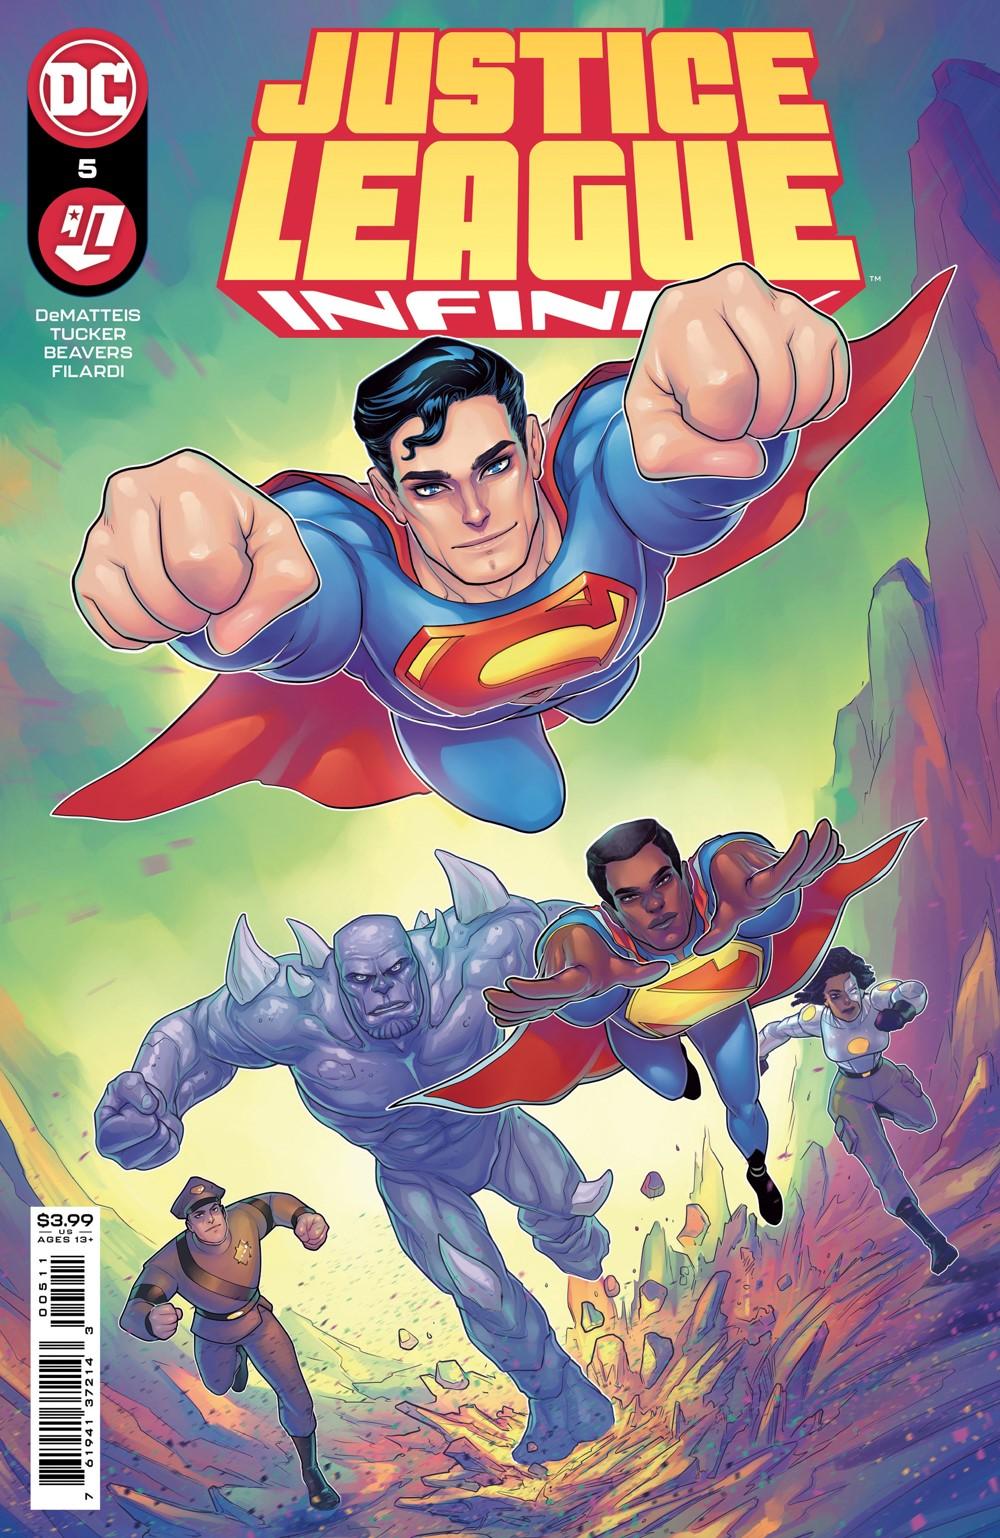 JL_INFINITY_Cv5 DC Comics November 2021 Solicitations